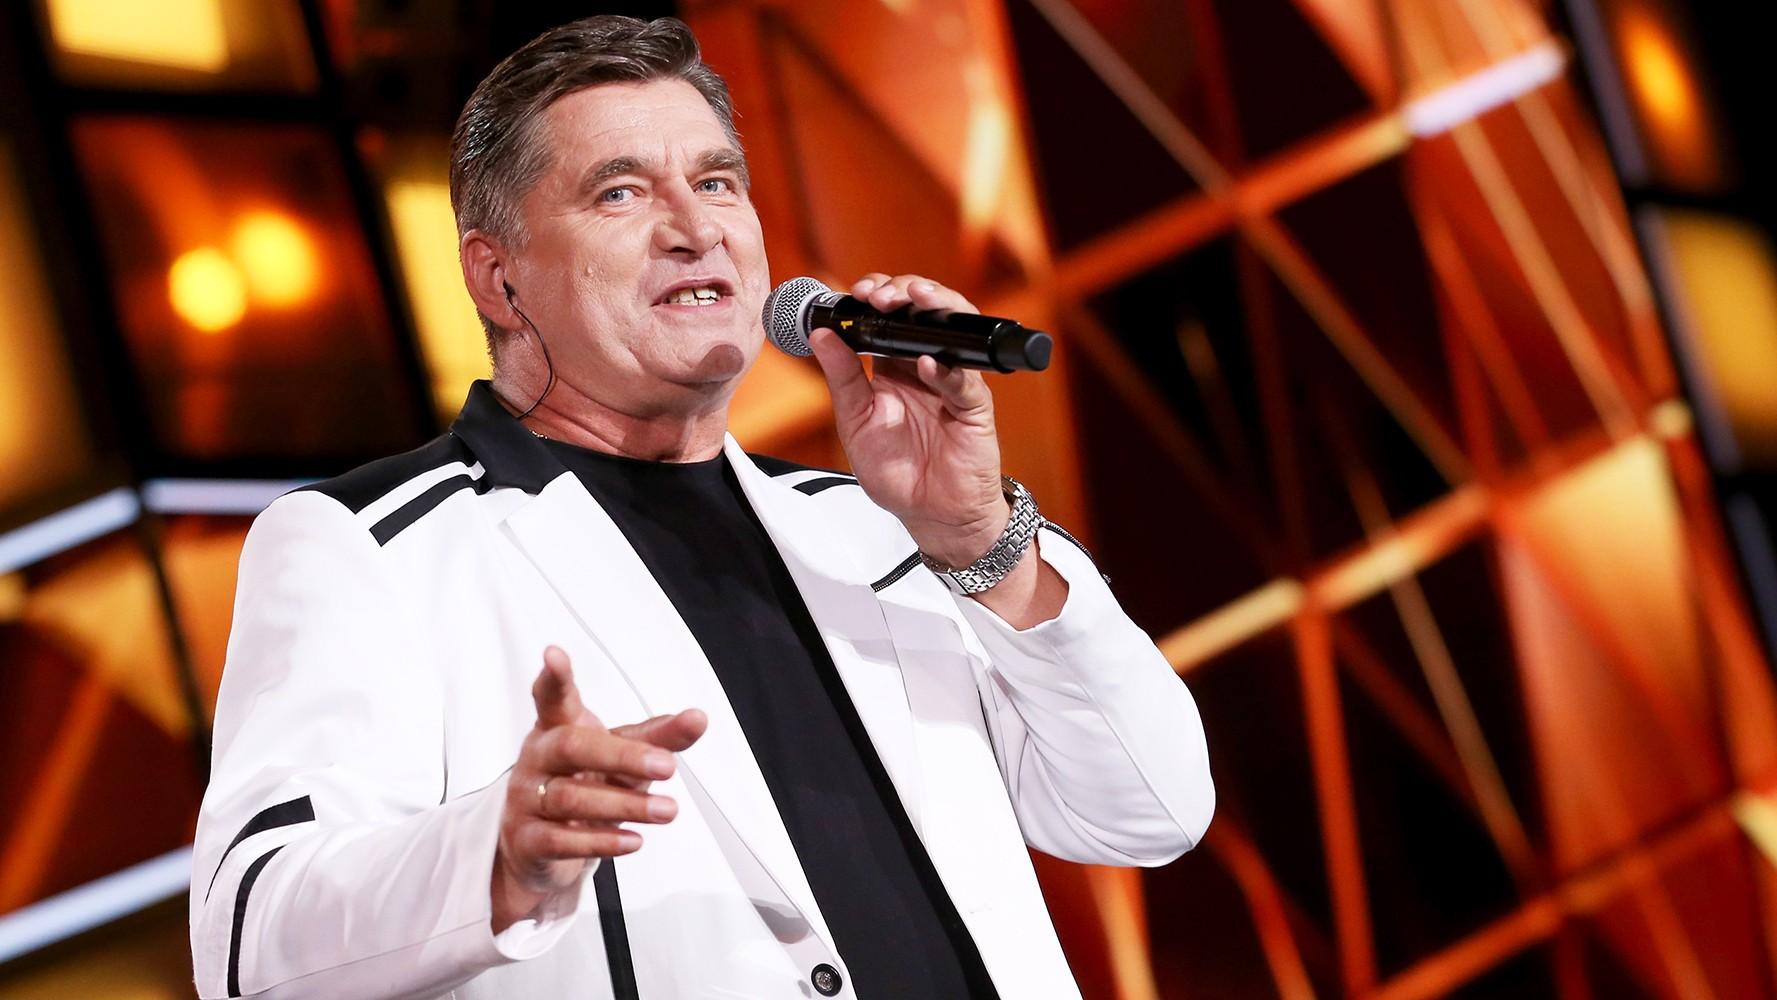 """""""Disco polo - 25 lat później"""" - odcinek 2: Z legendą! - Polsat.pl"""